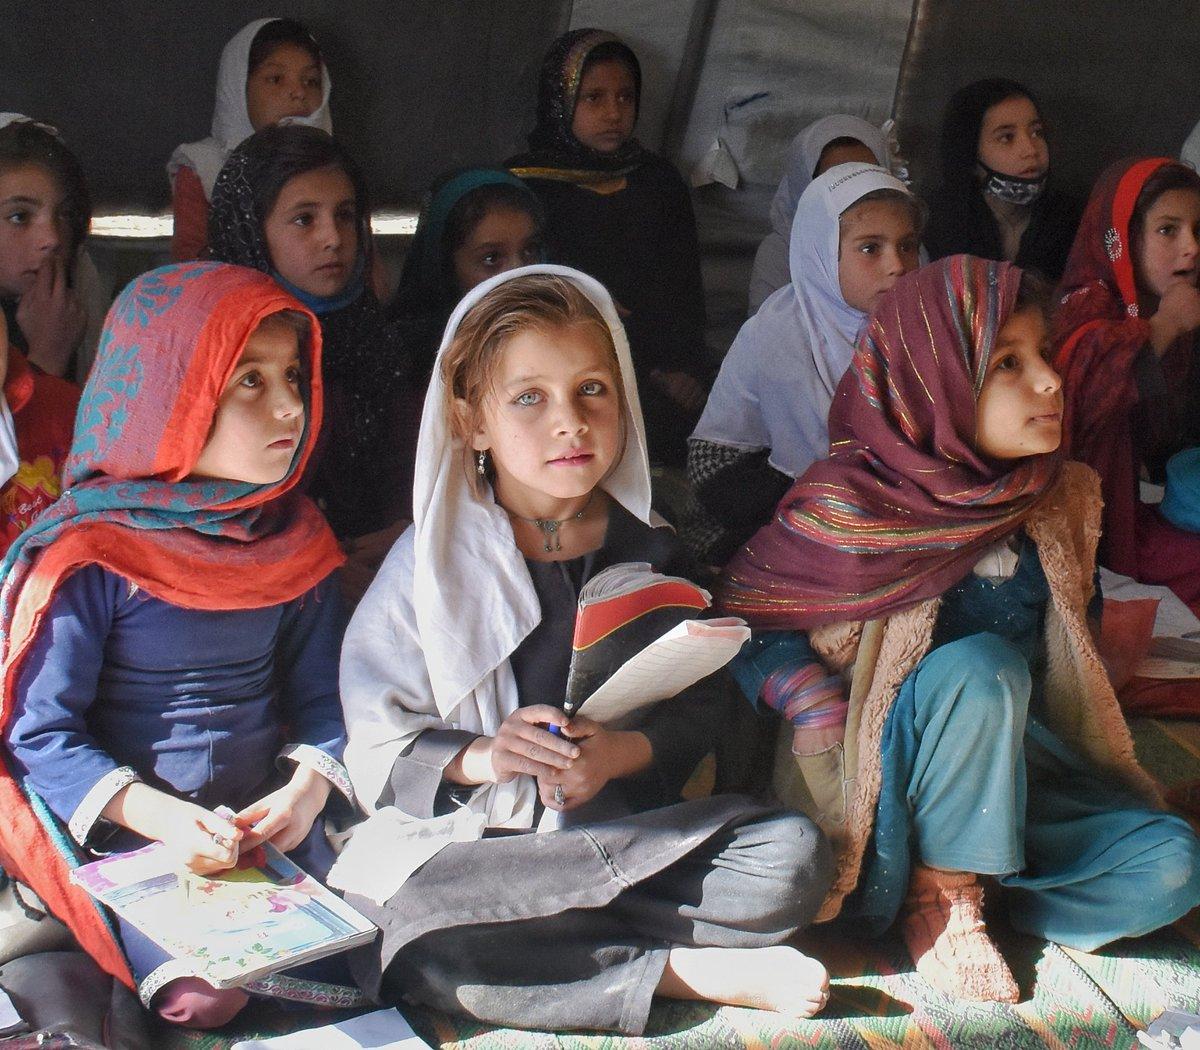 Teen girls in Gardiz